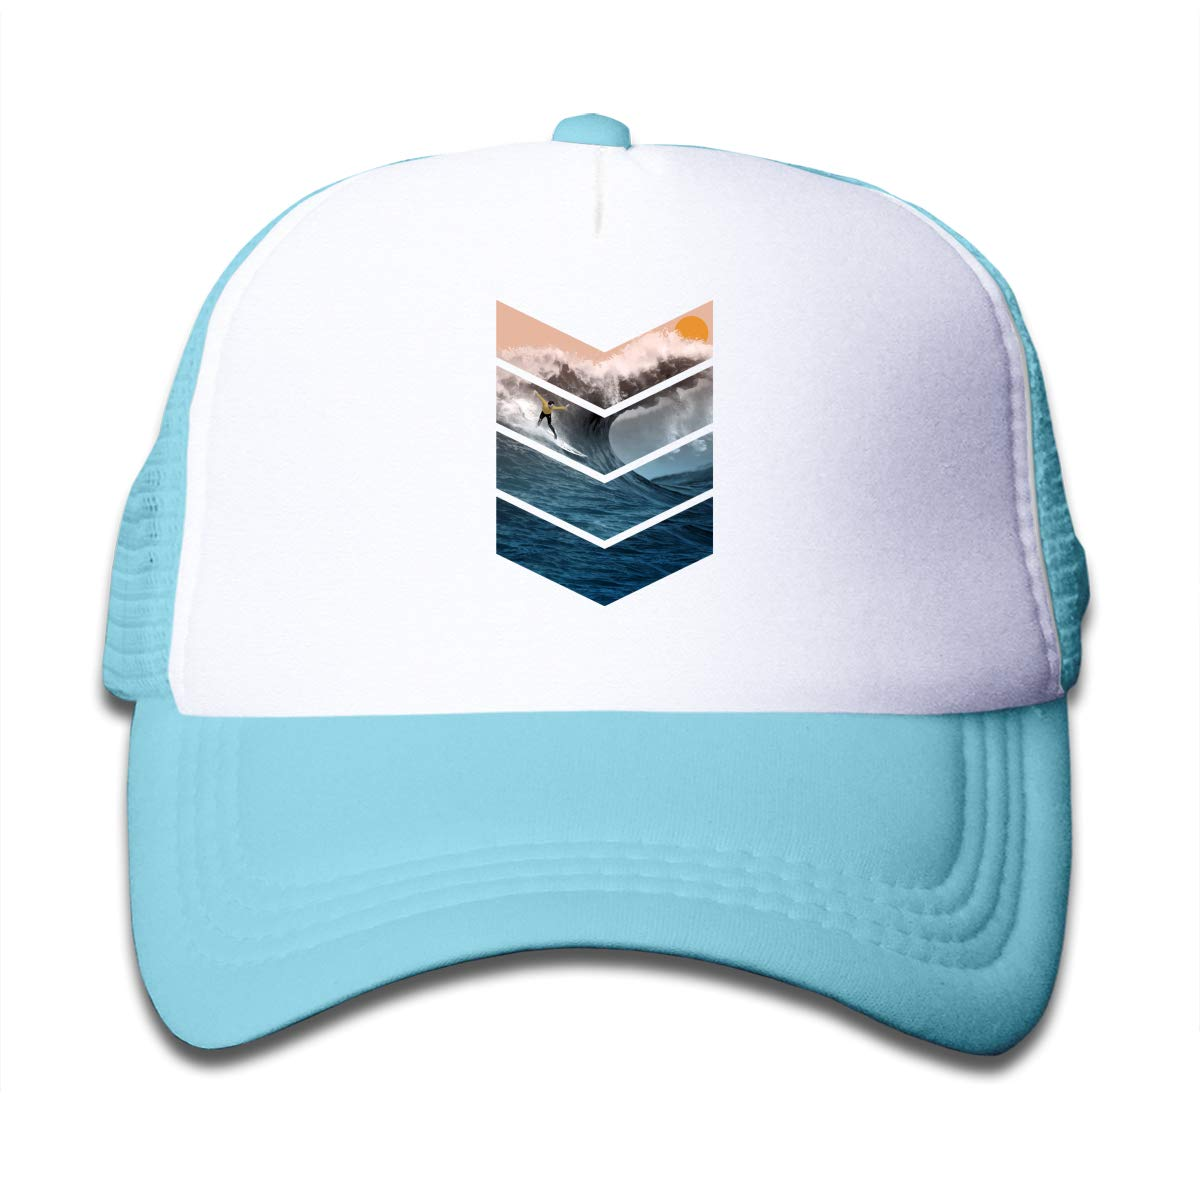 Waldeal Boys Sunrise Surfer Mesh Trucker Hat Kids Toddler Snapback Baseball Cap